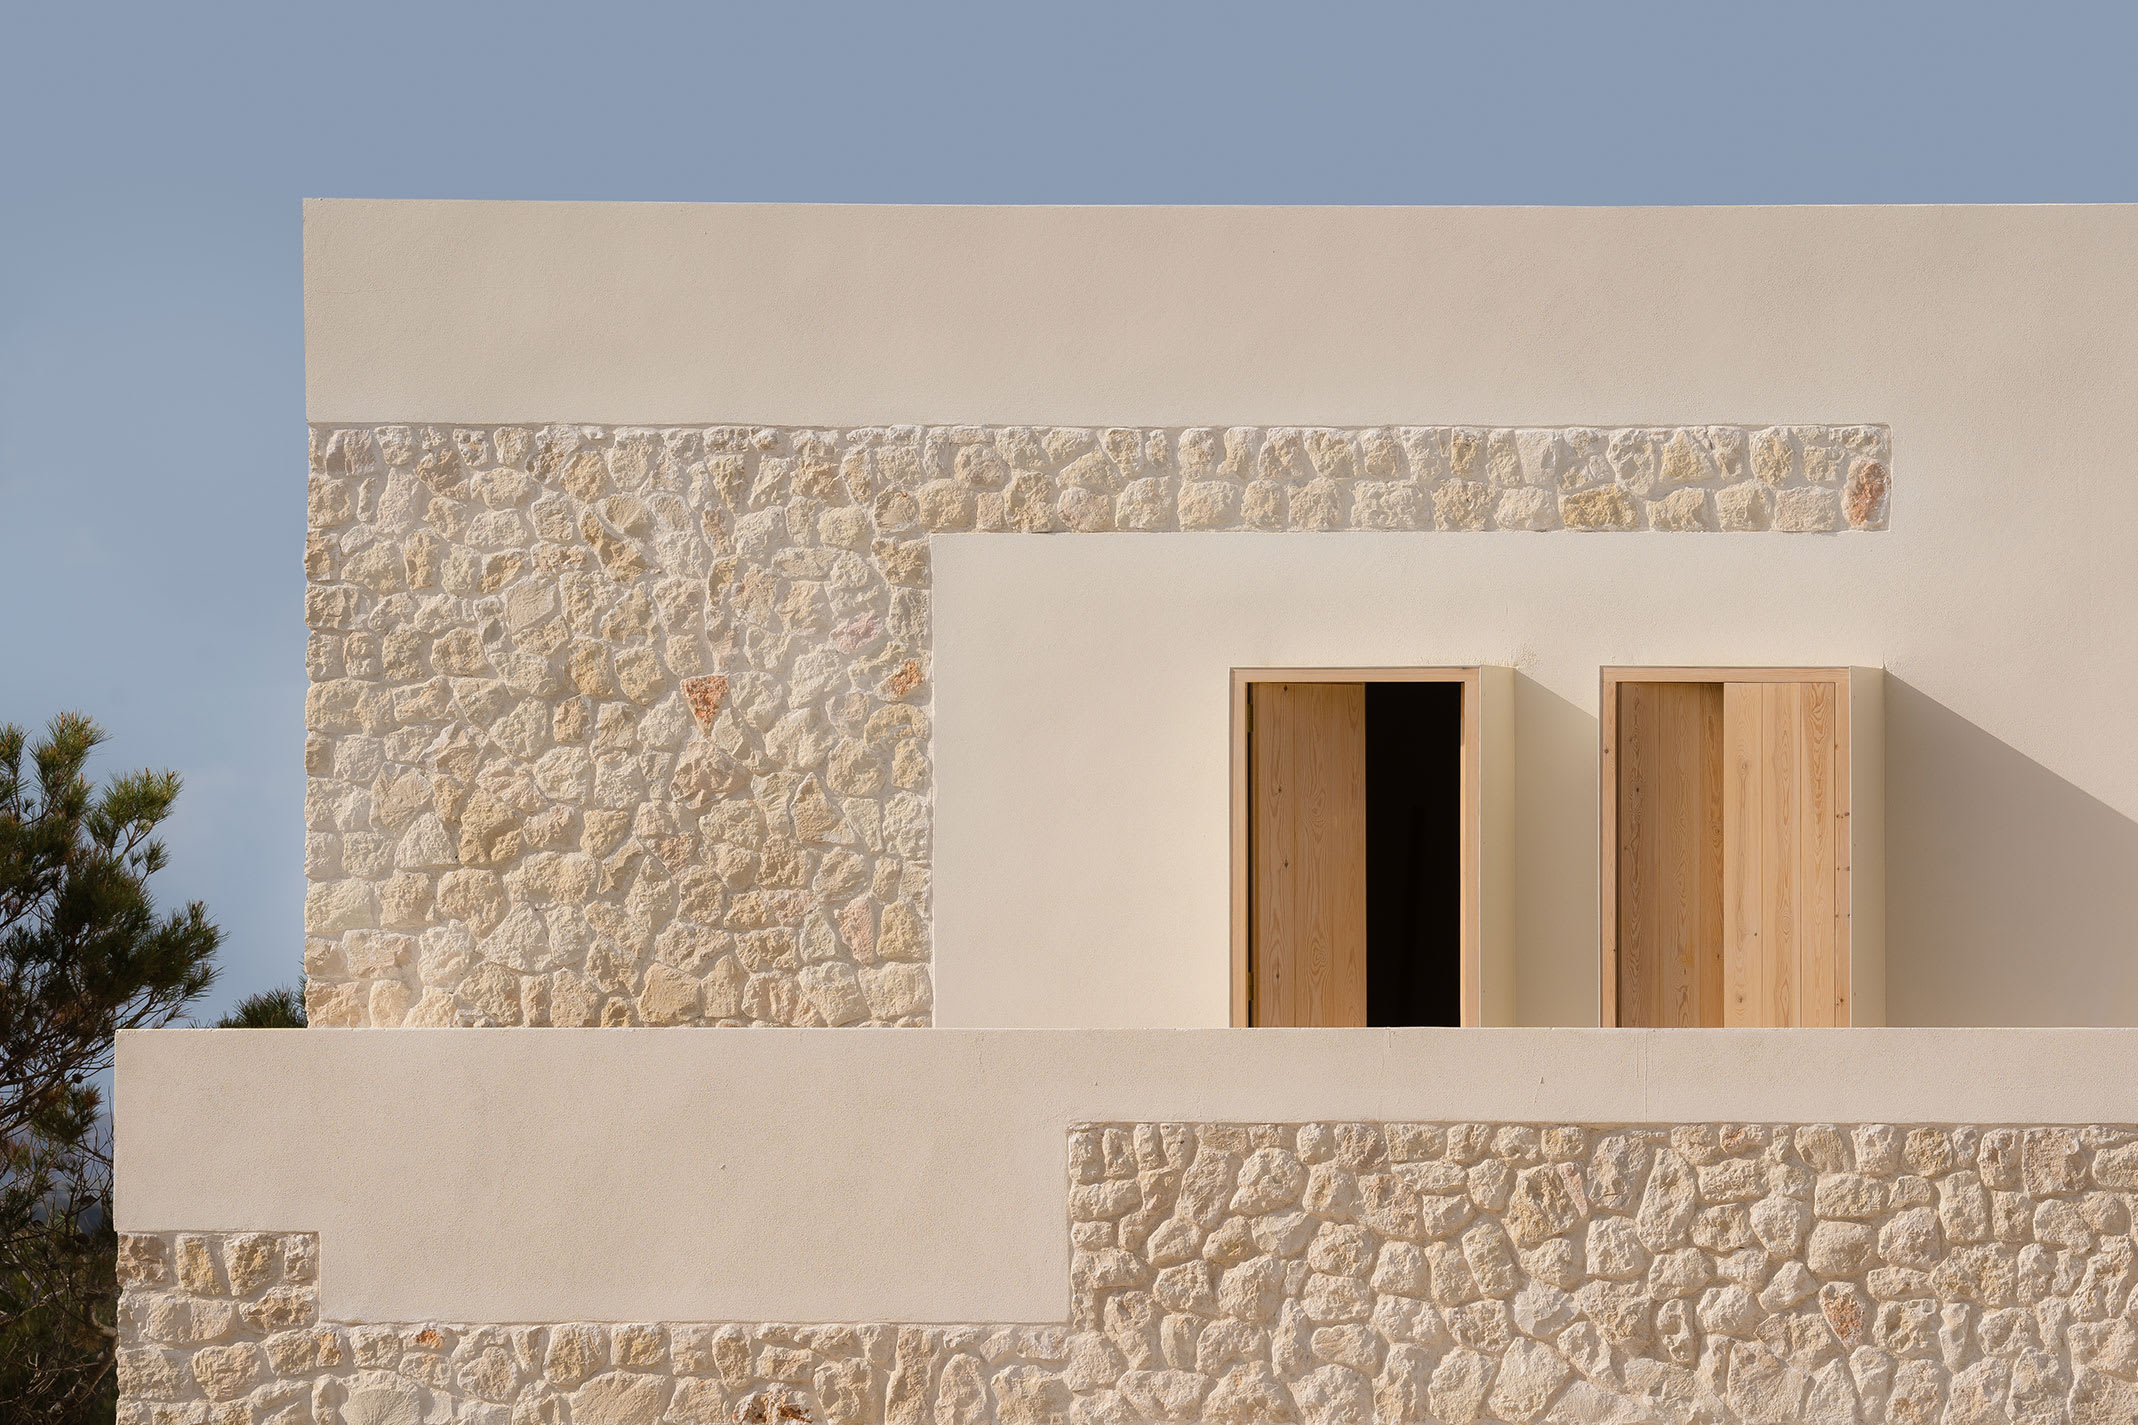 בית אבן מסורתי ב-Minorca, ספרד